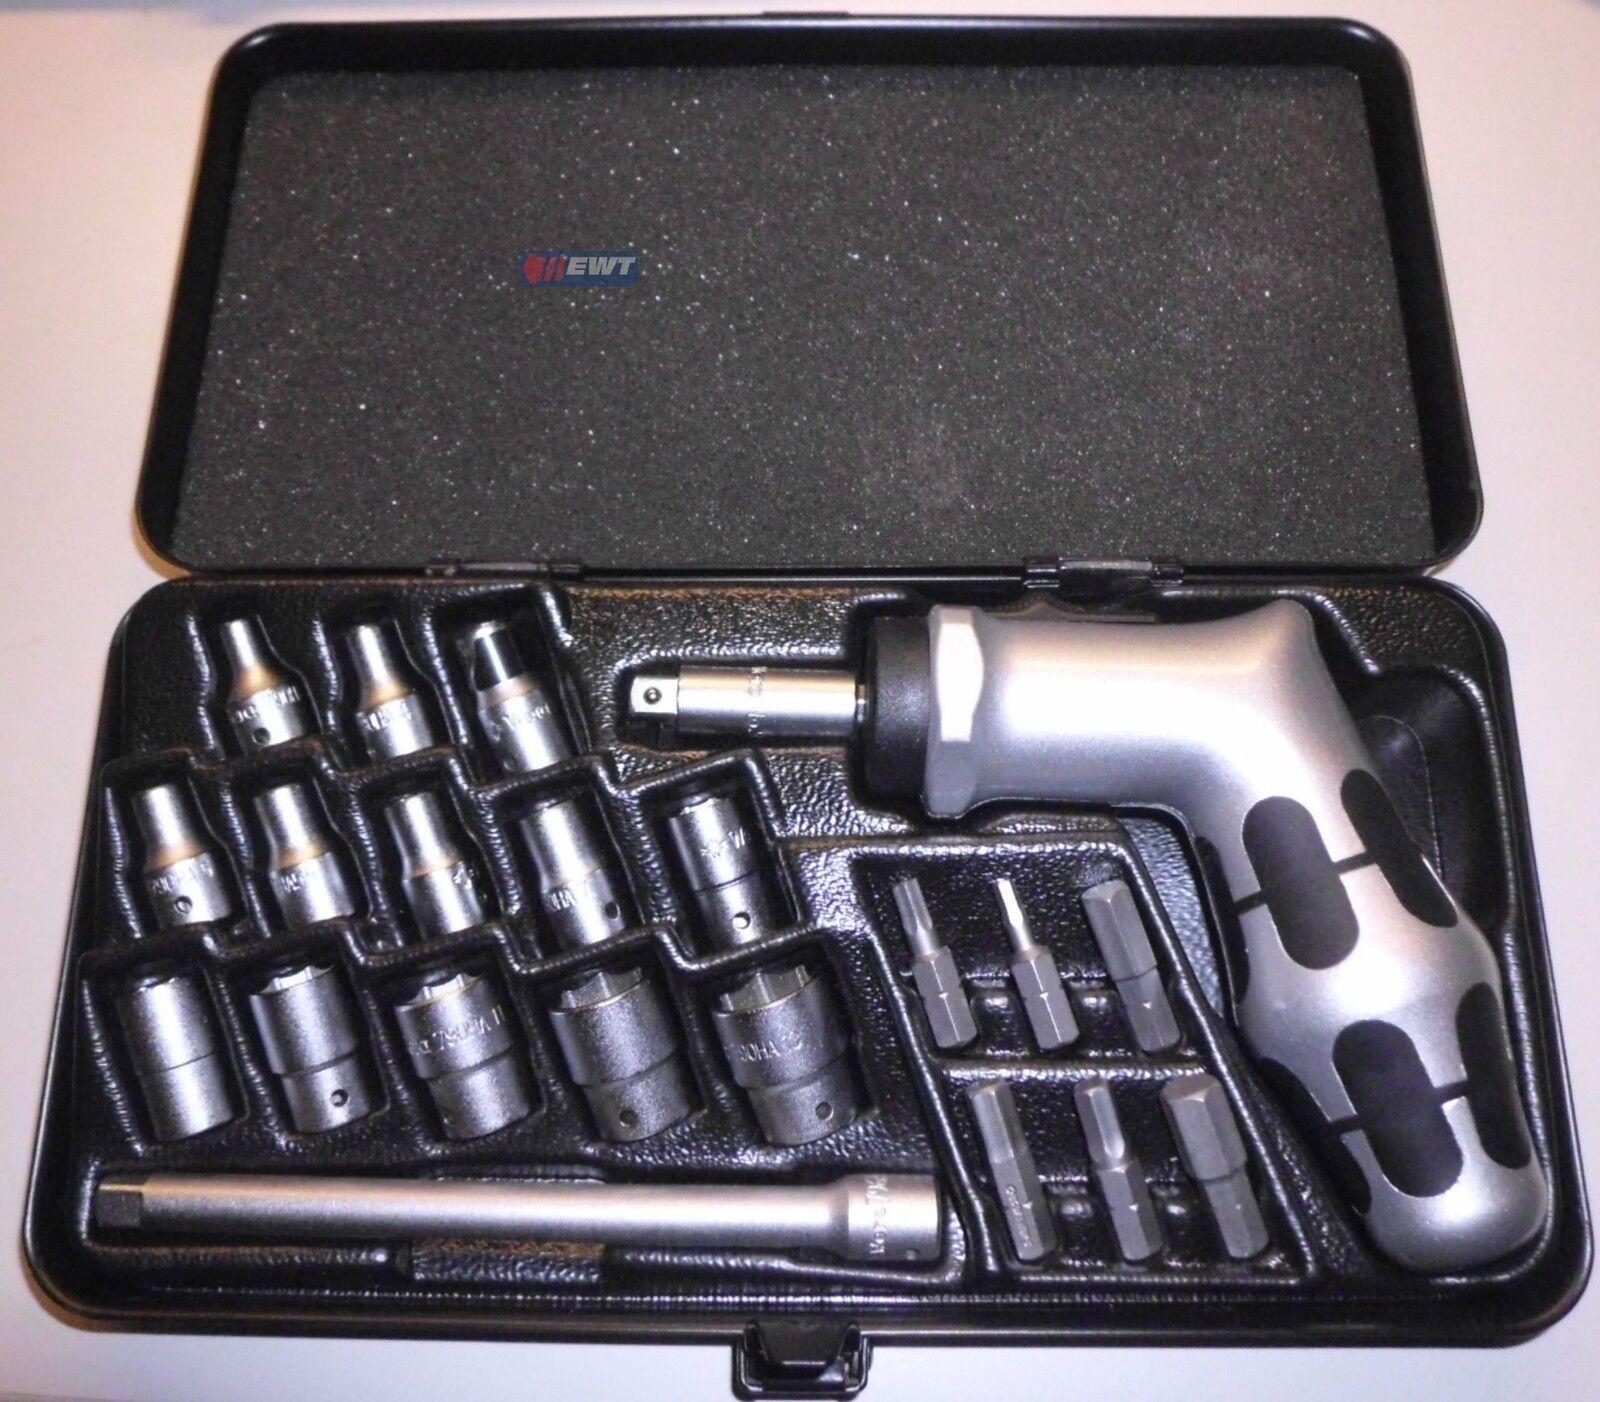 Wera Einhandknarre 21tlg Werkzeugset Ratschensatz